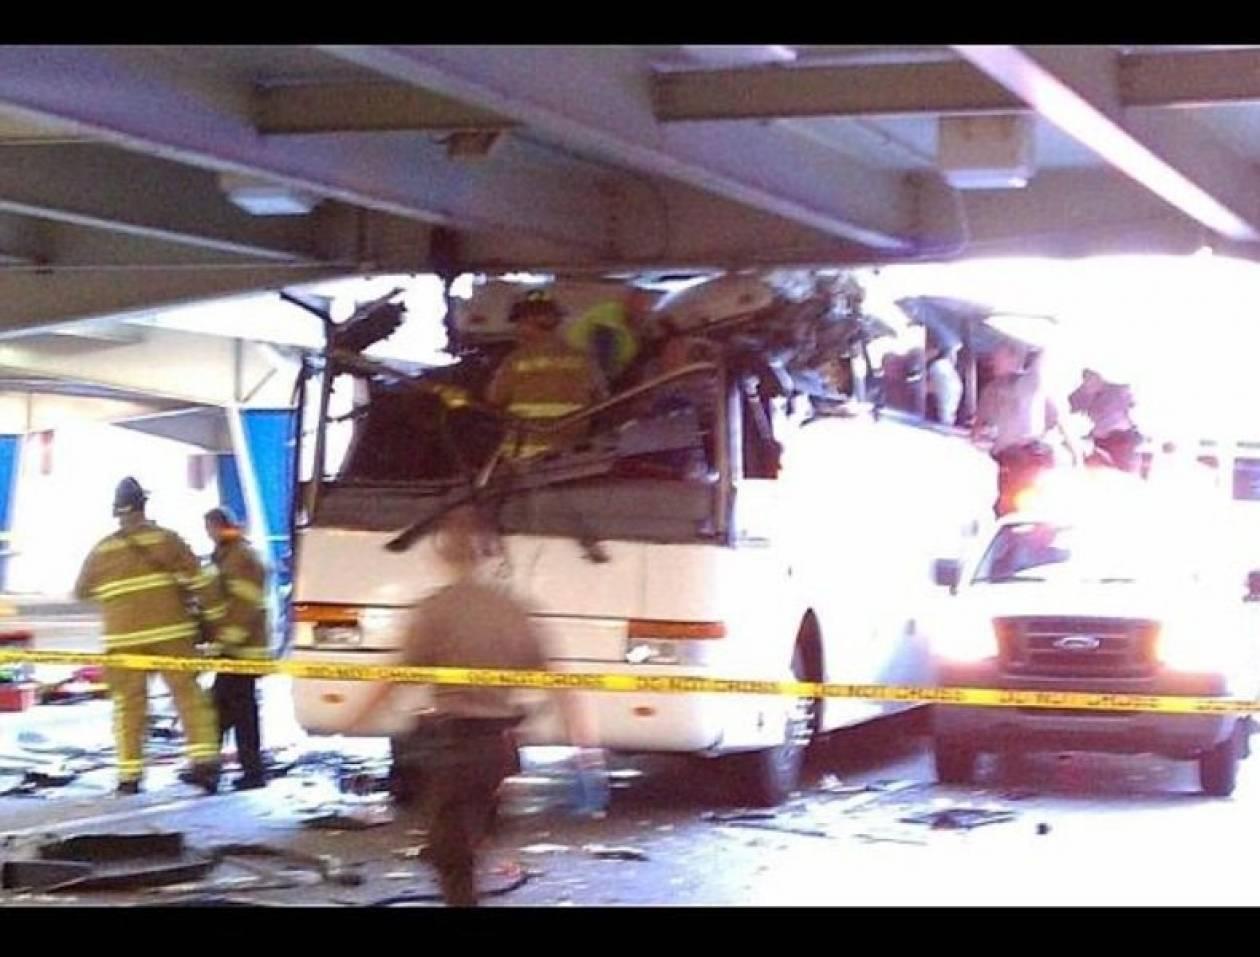 Διώροφο λεωφορείο έπεσε σε γέφυρα και διαλύθηκε